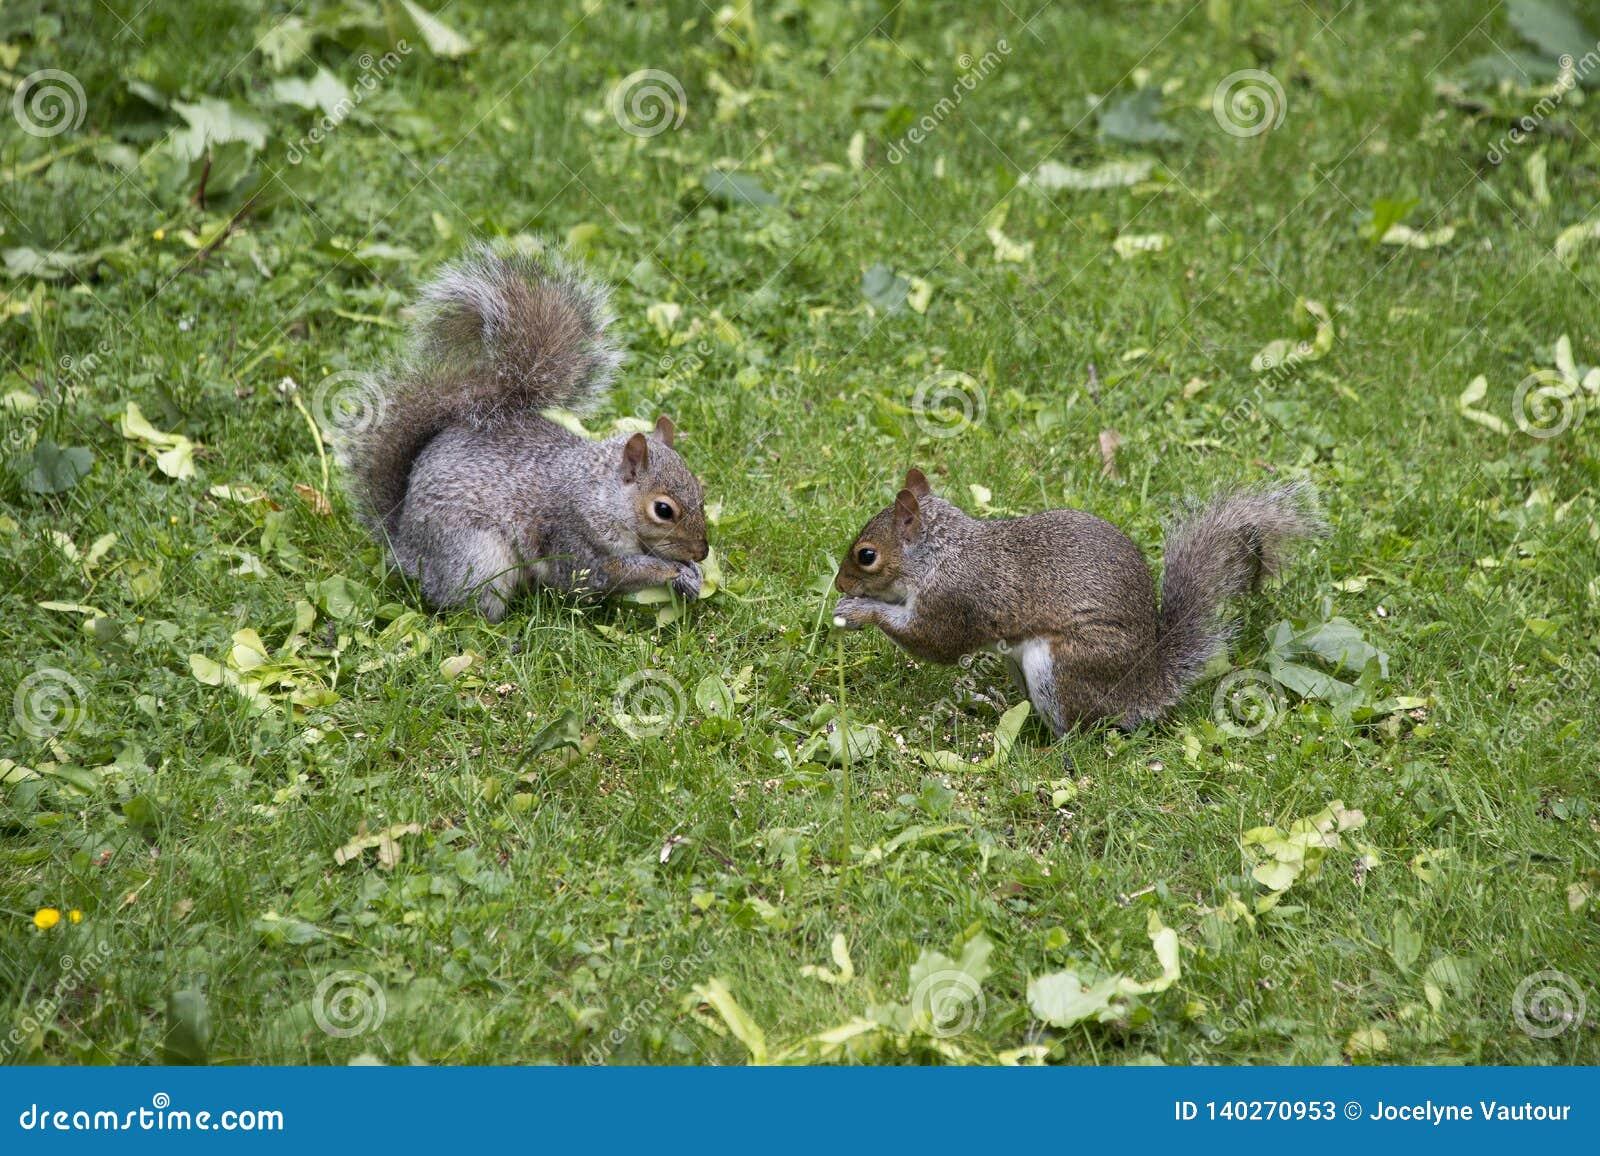 Deux écureuils gris mangeant dans une cour